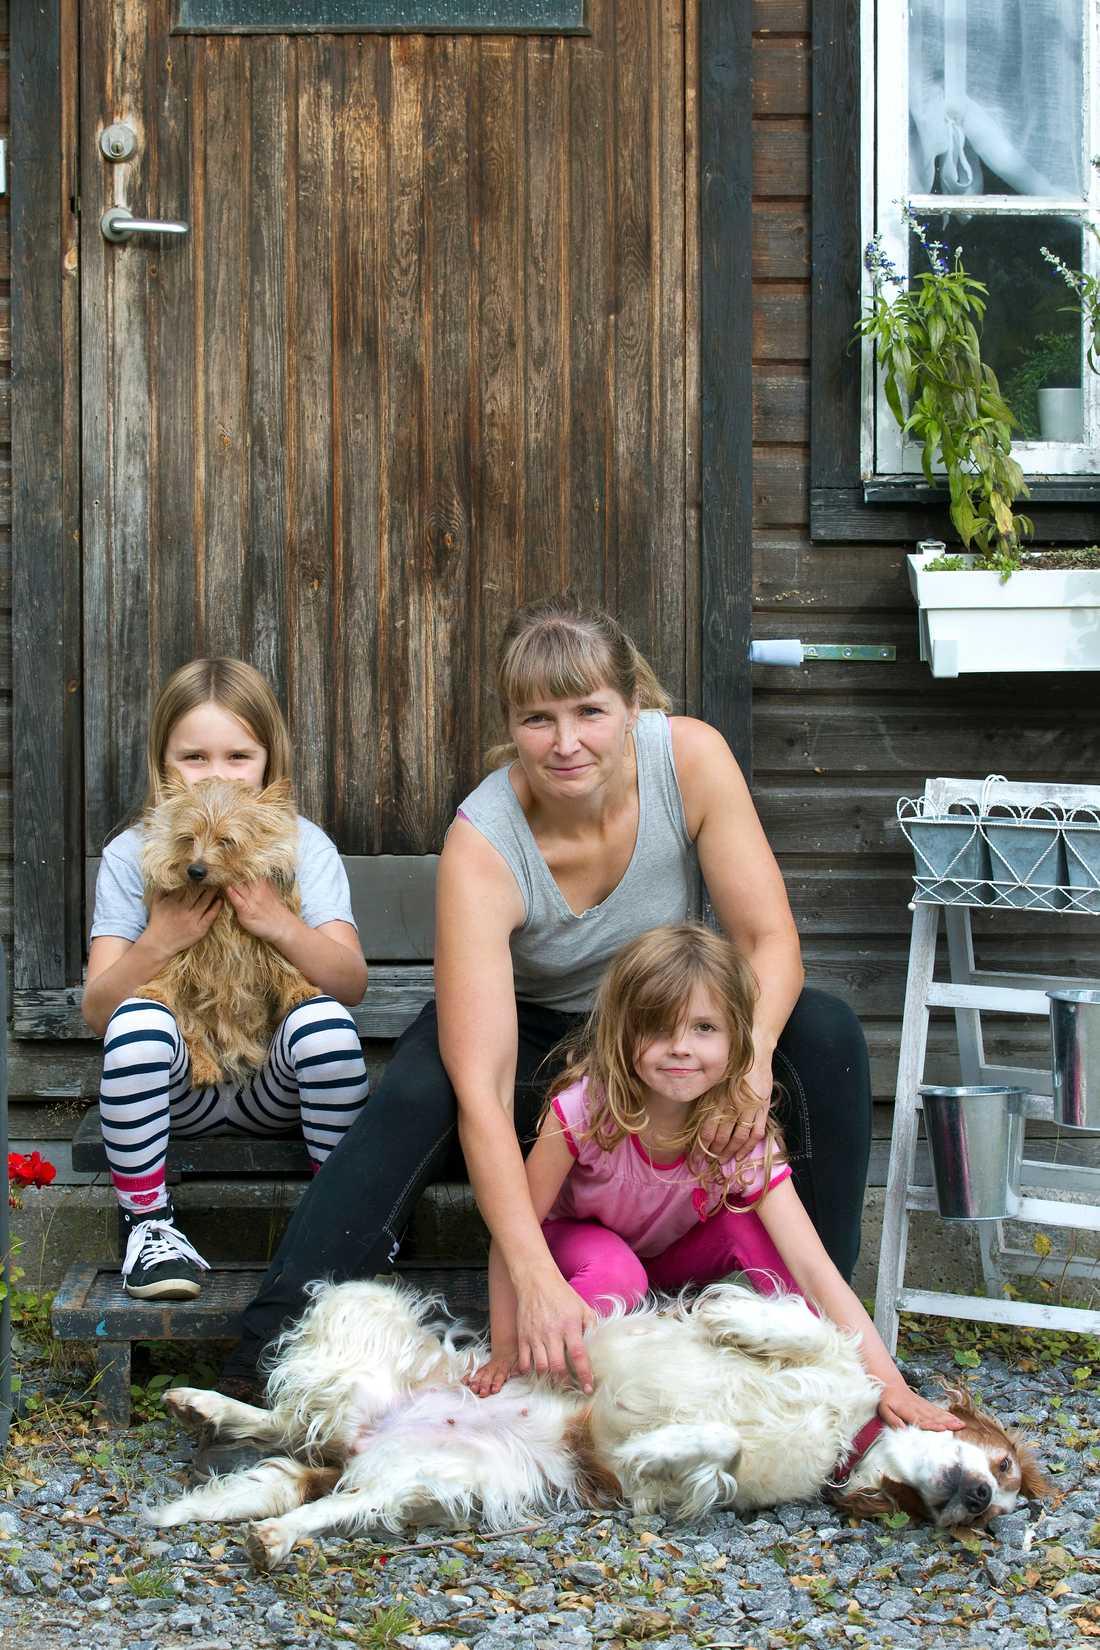 Emma Höglund räddar övergivna djur. Här är hon med döttrarna Astrid, Elsa och hundarna Siri och Holly.